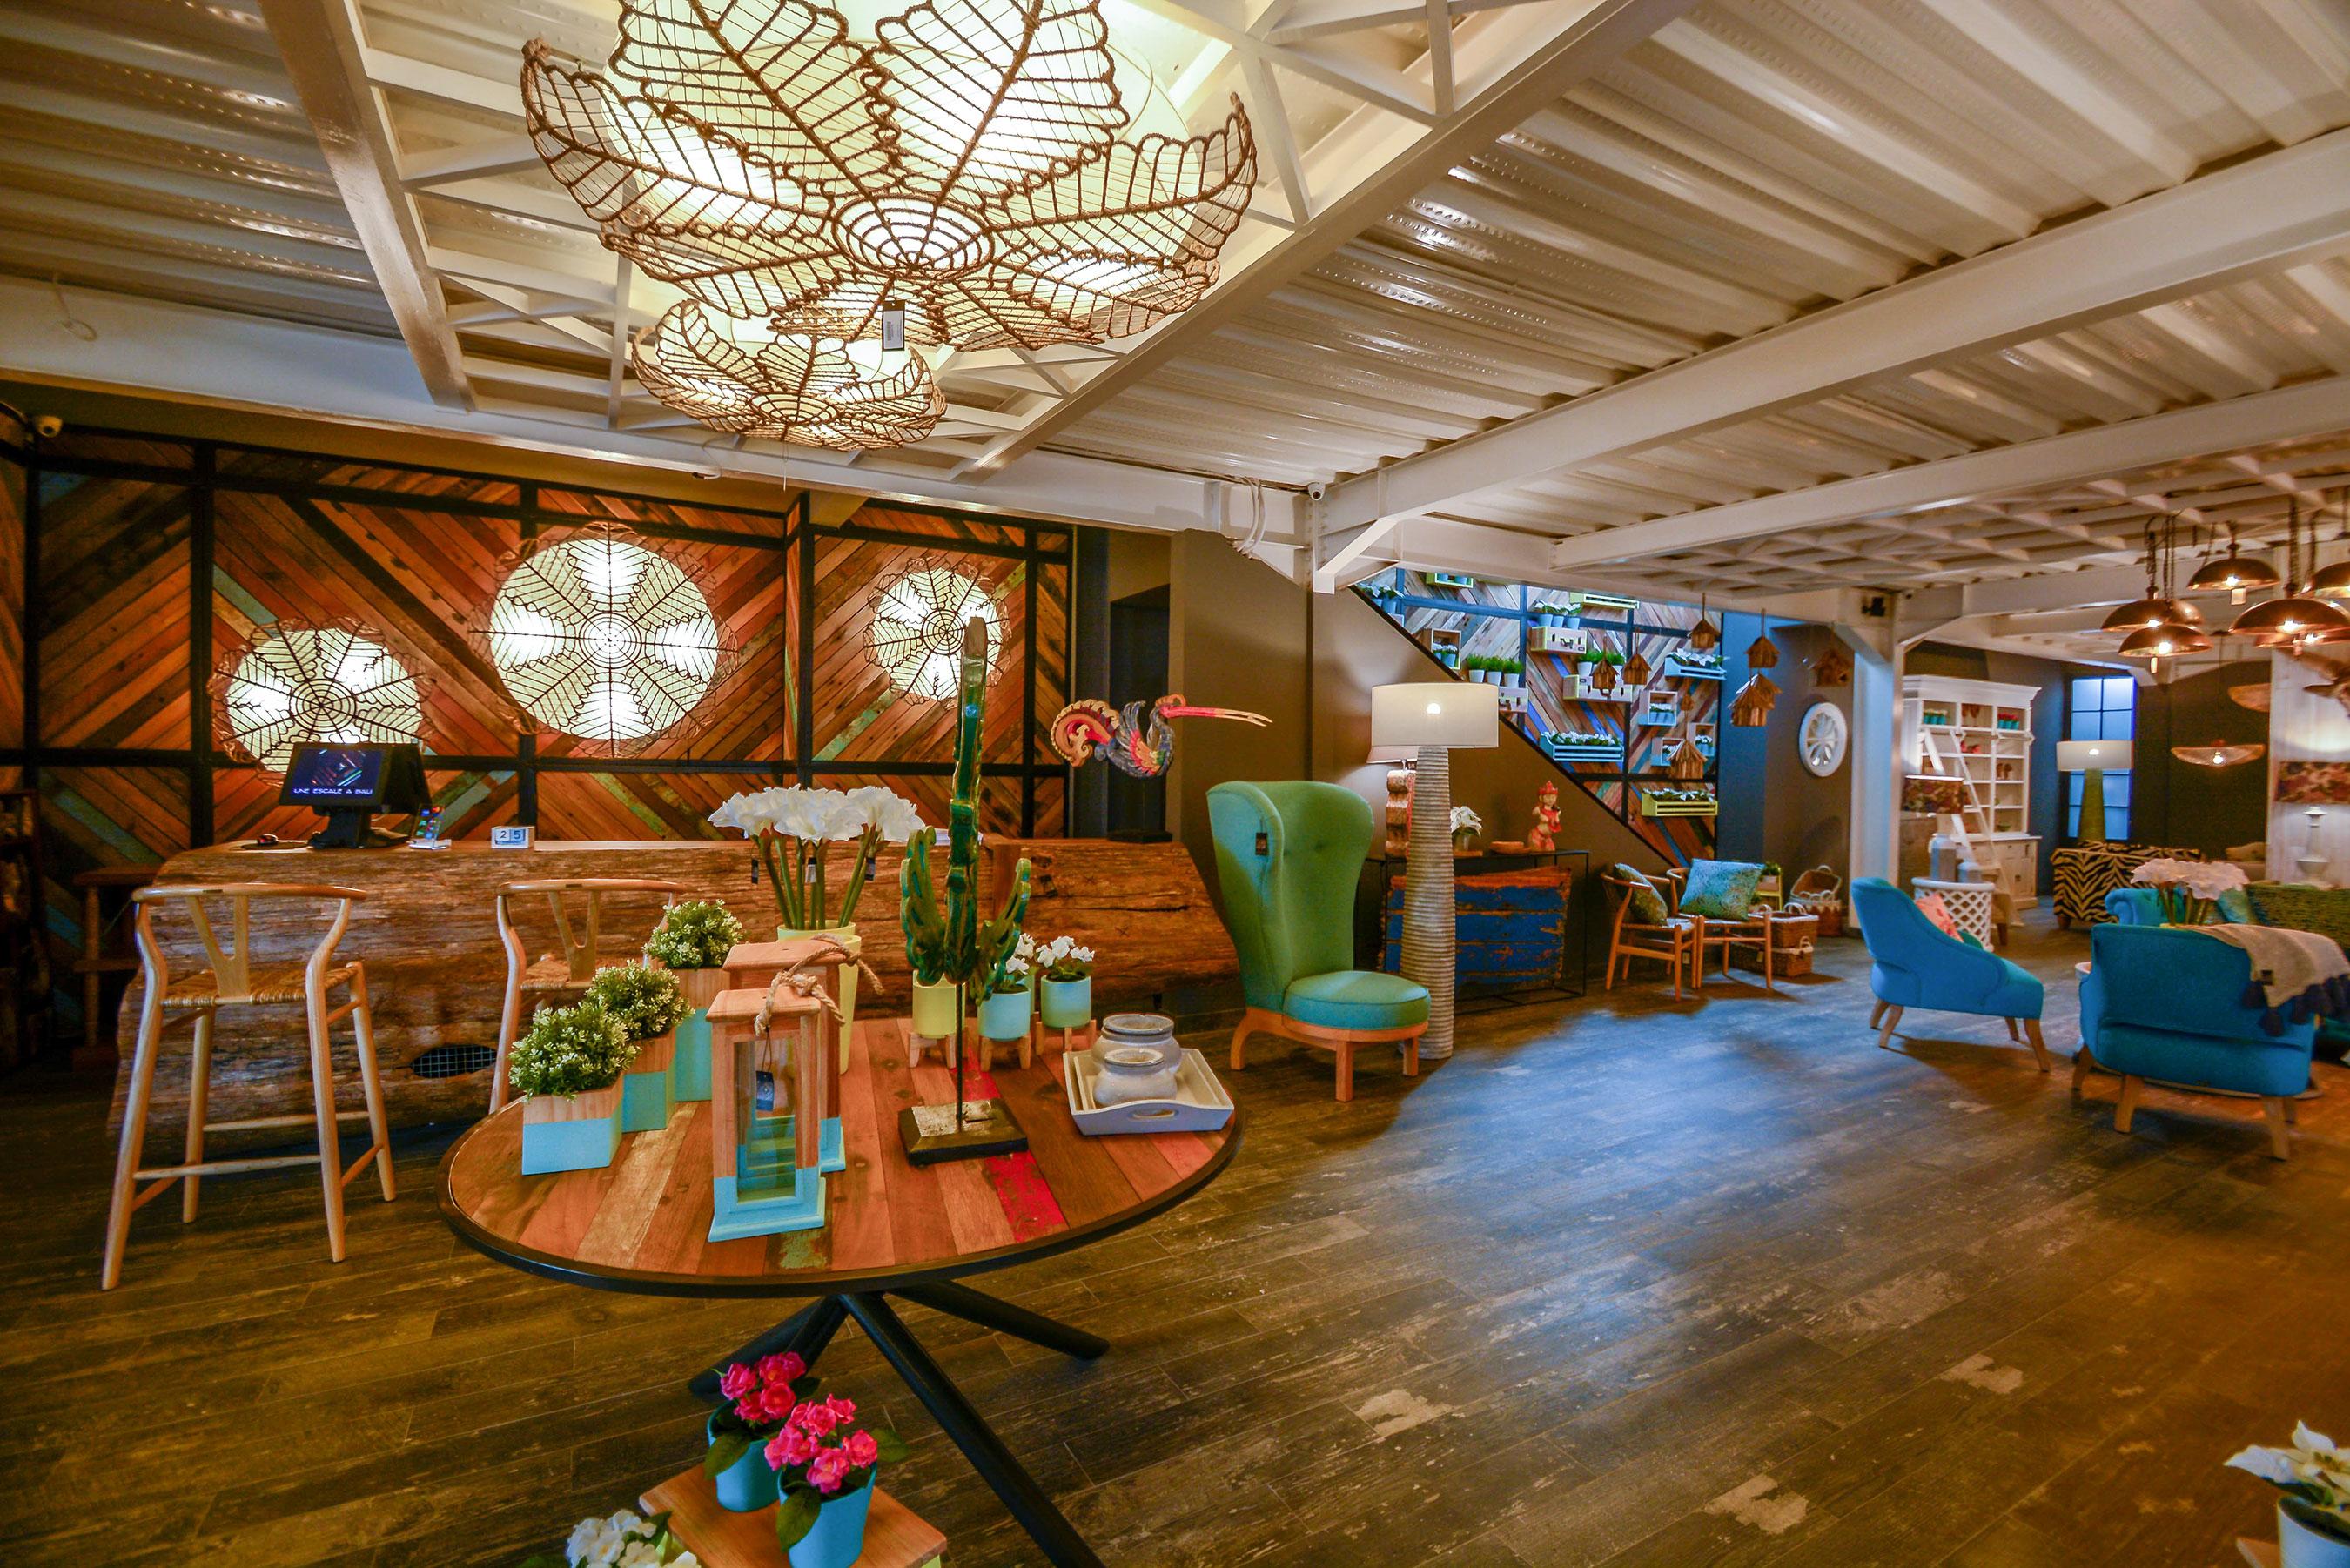 Furniture-Bali-Une-Escale-Cashier